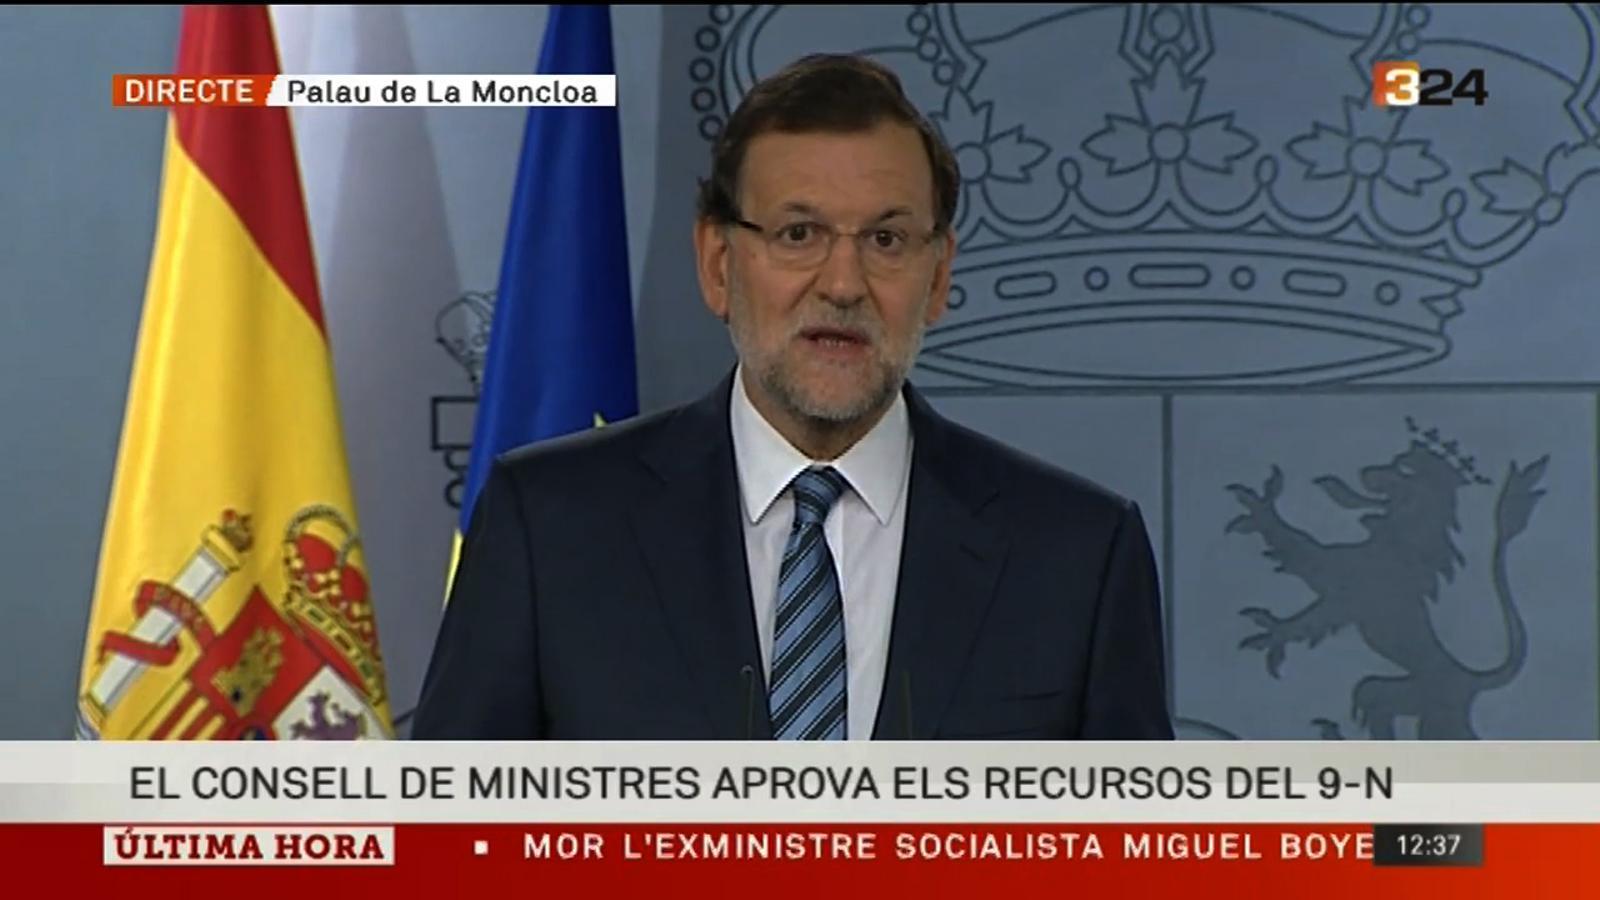 Rajoy diu que el 9-N és inconstitucional perquè atempta greument contra els drets de tots els espanyols